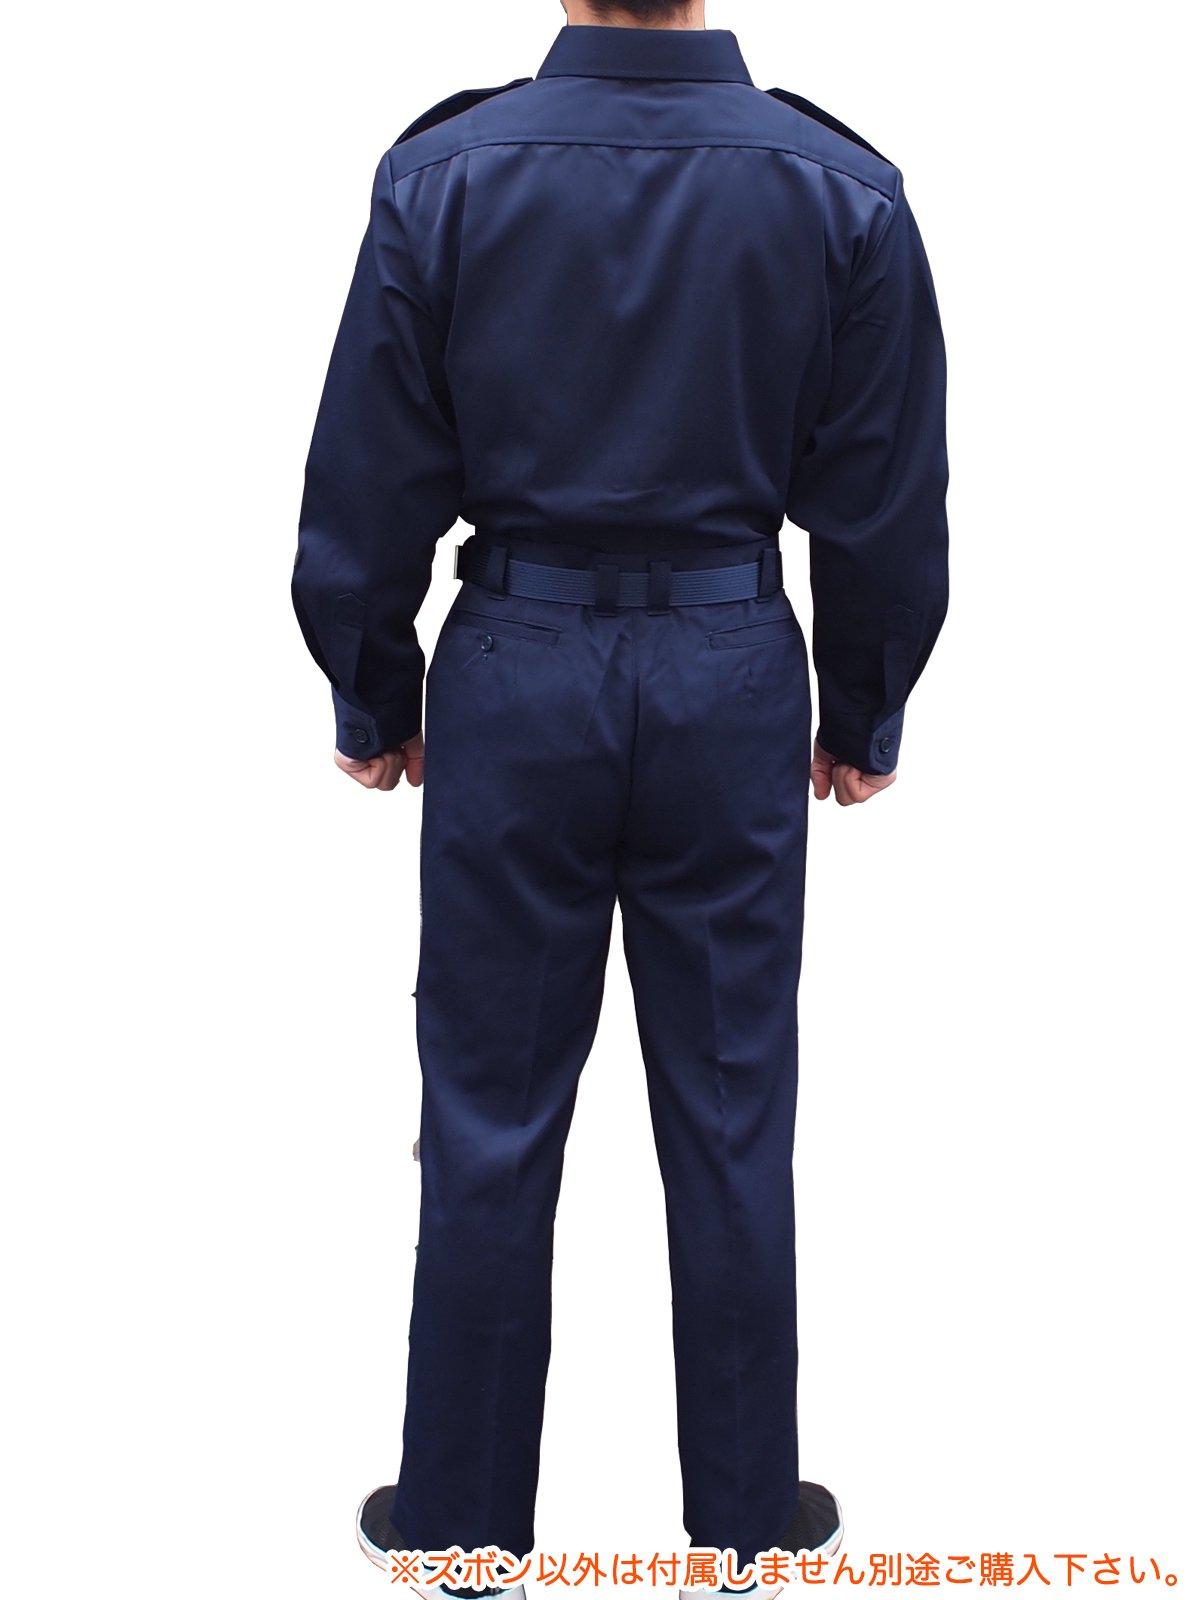 消防作業服米式ズボン【画像6】